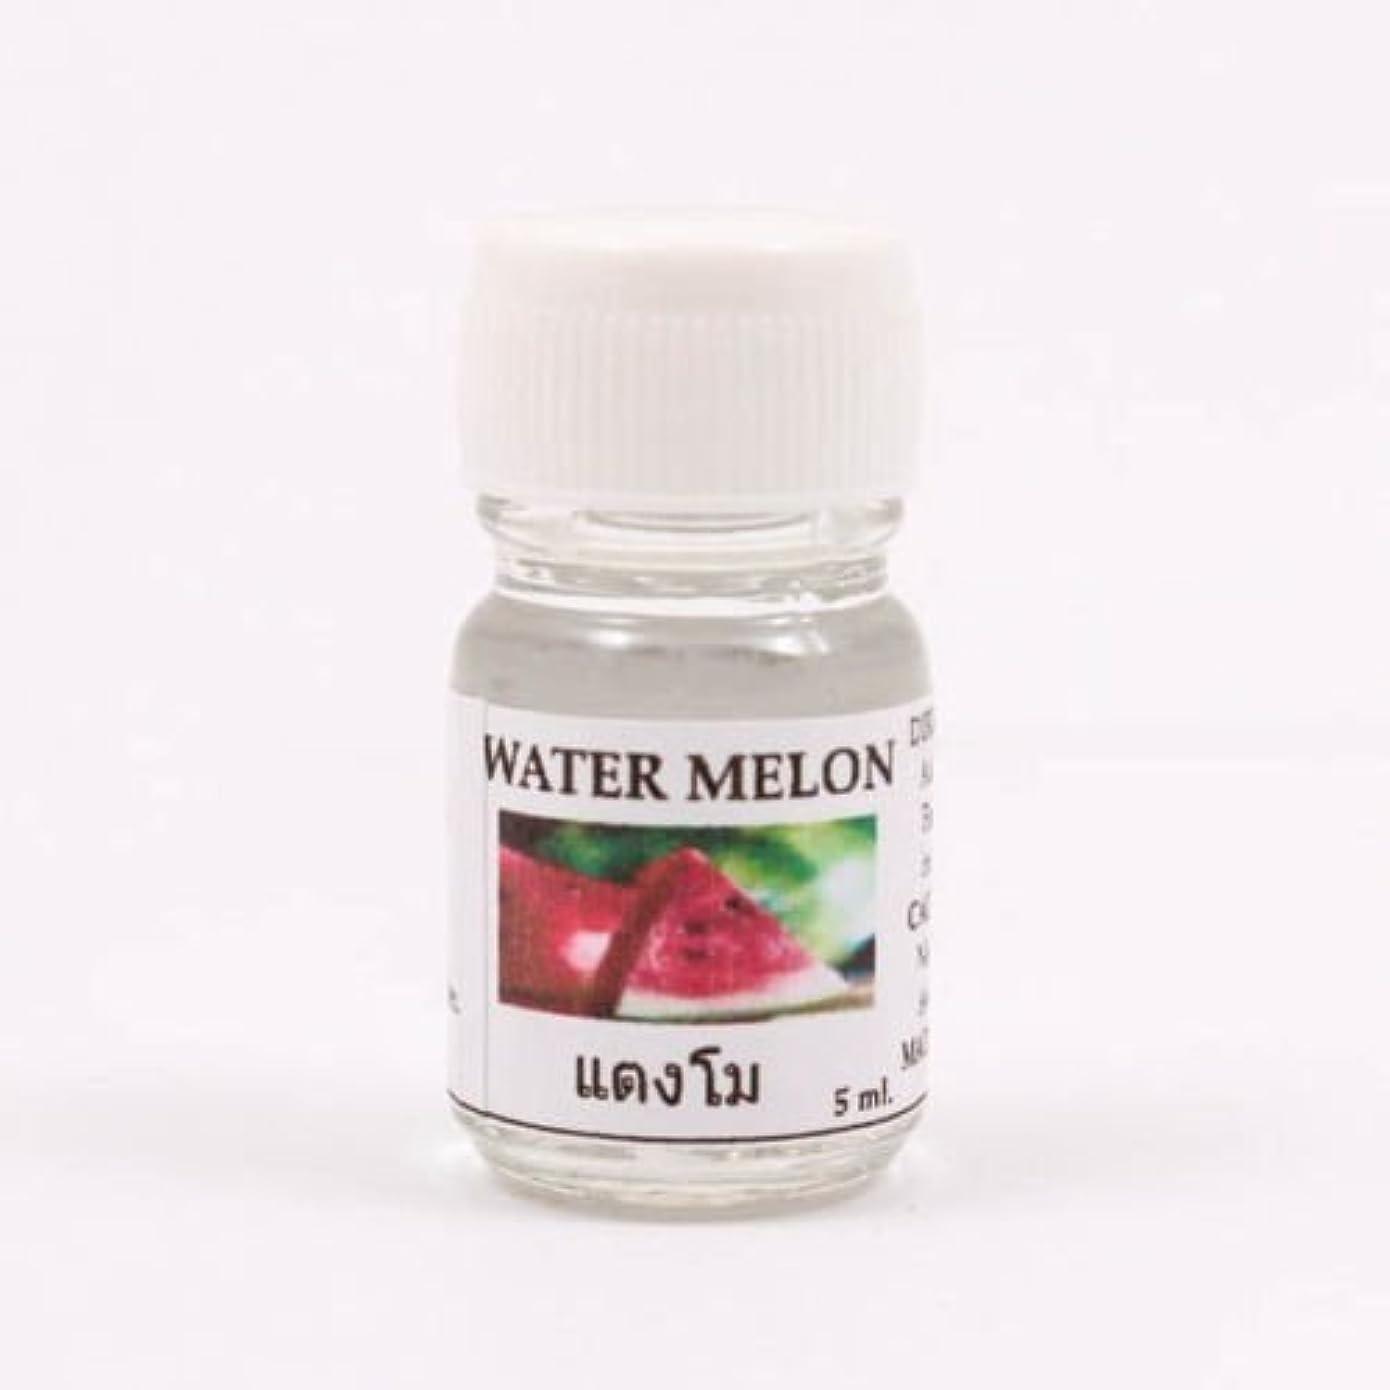 発信真夜中ソケット6X Water Melon Aroma Fragrance Essential Oil 5ML Diffuser Burner Therapy